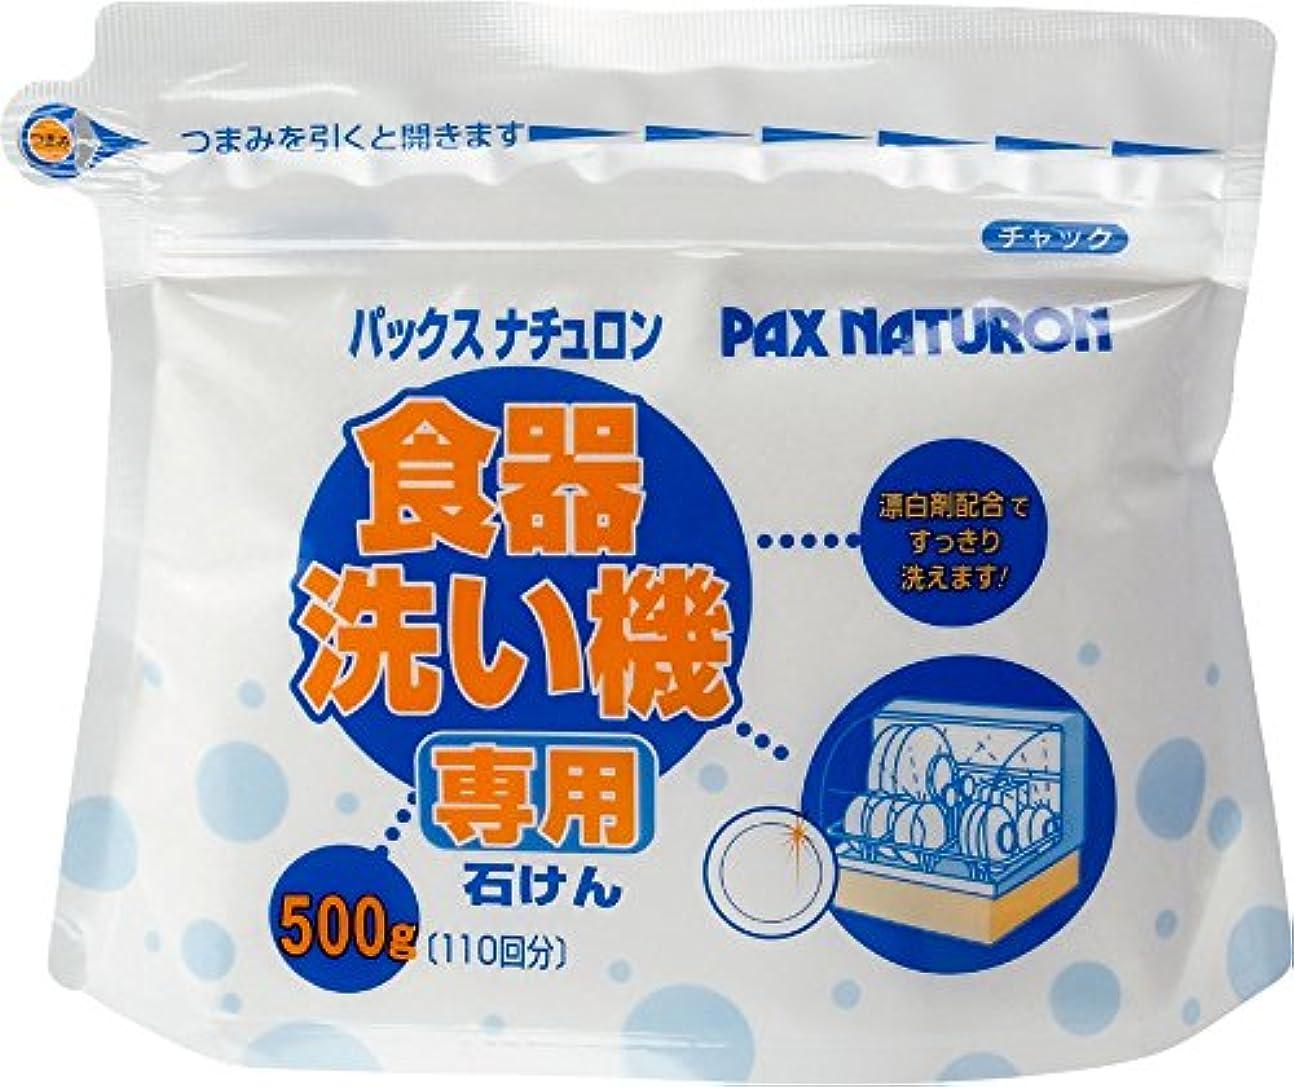 機密窒息させるわかりやすいパックスナチュロン 食器洗い機専用石けん 500g